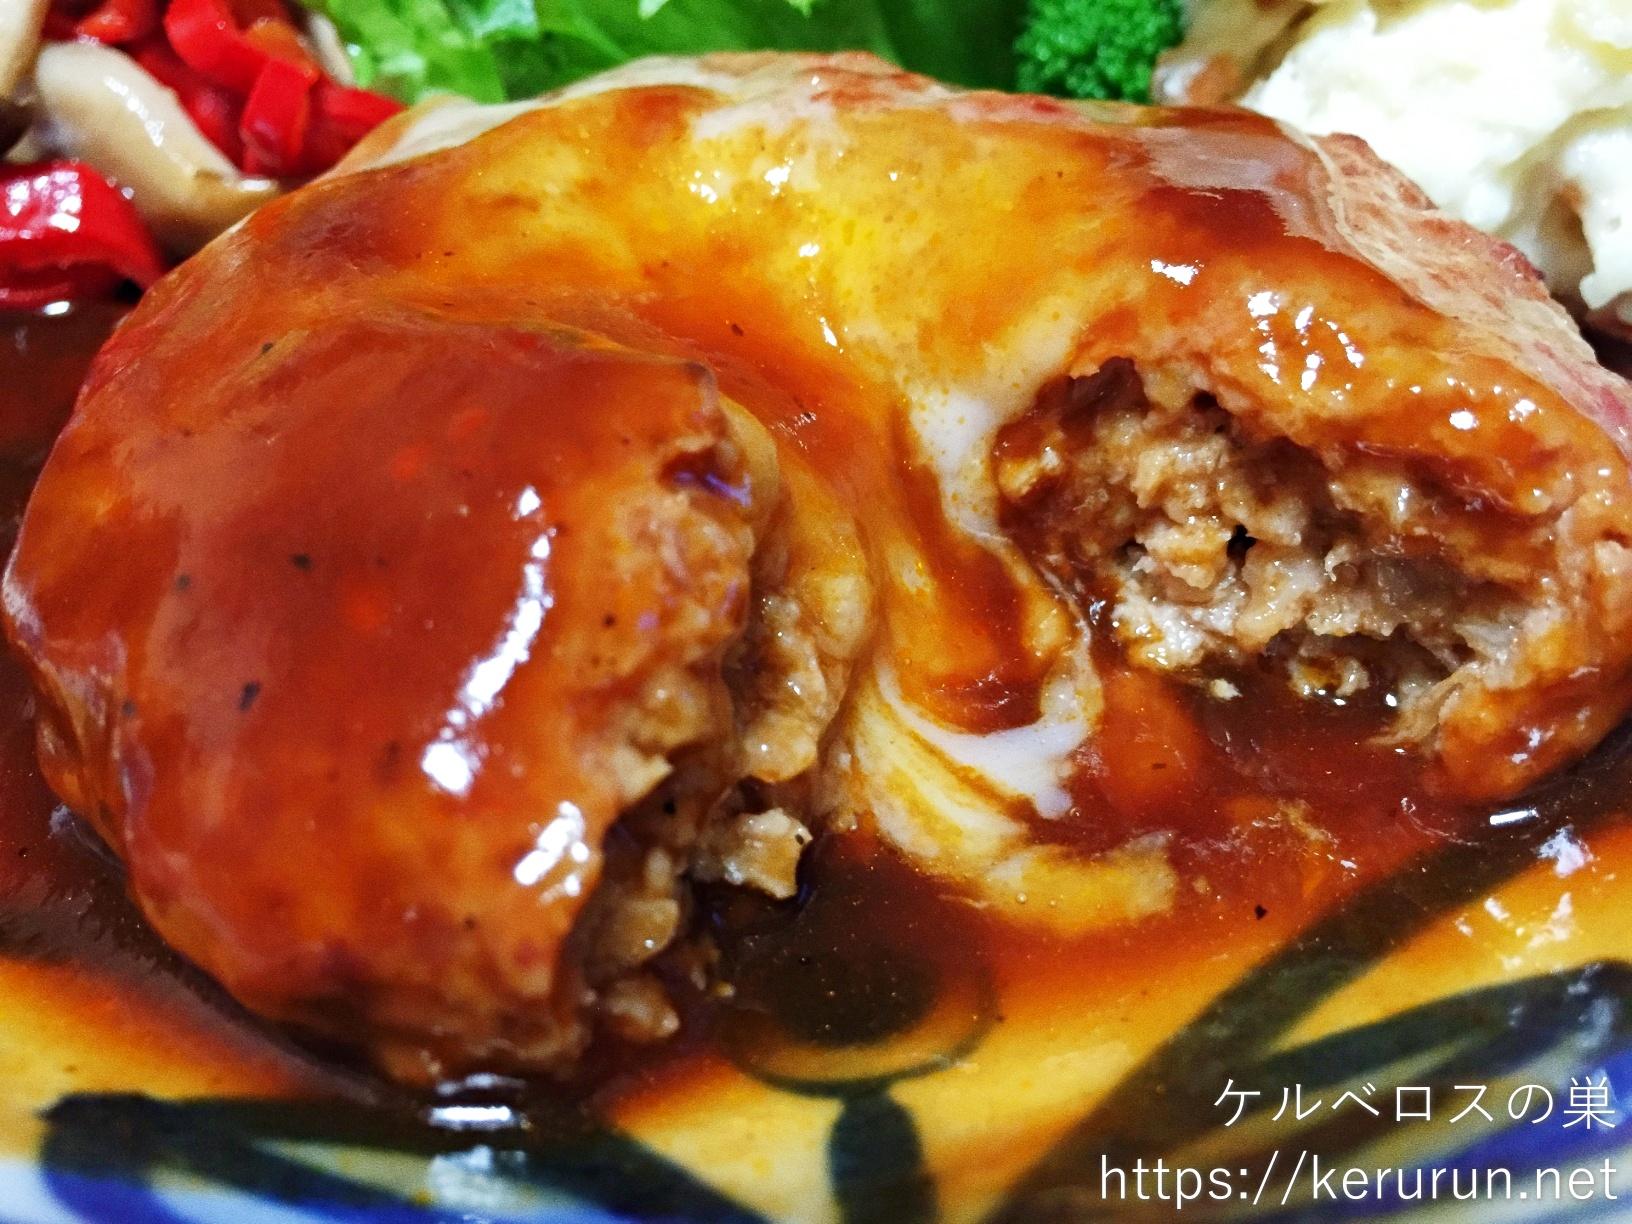 成城石井「ハンバーグステーキ(チーズ)」で晩御飯